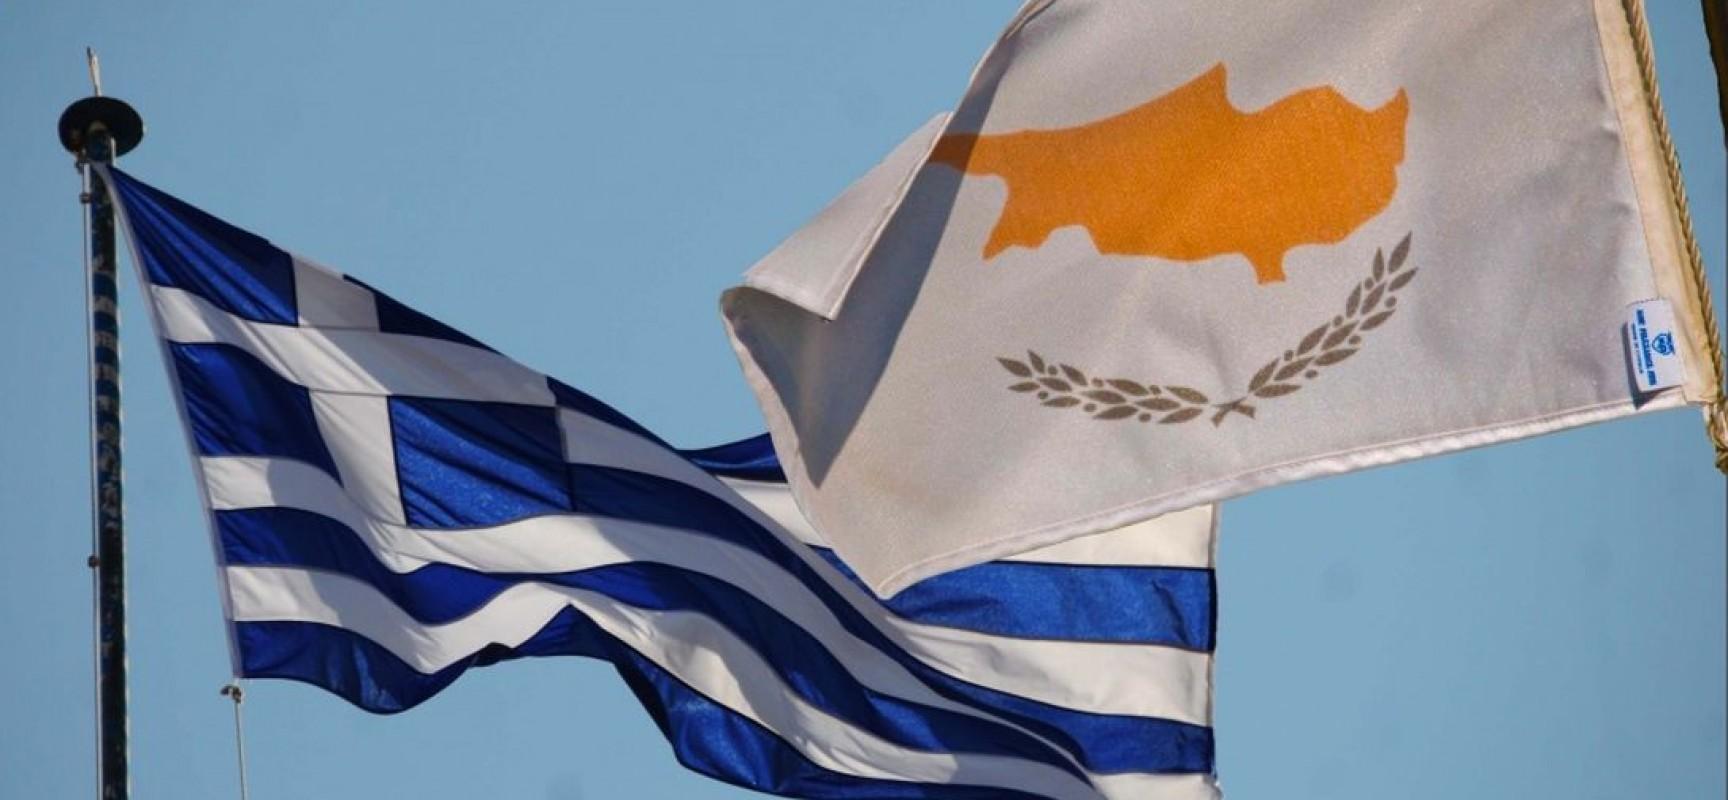 Προκήρυξη αγώνα ΑΧ Διακρατικής συμφωνίας Ελλάδας – Κύπρου 2016